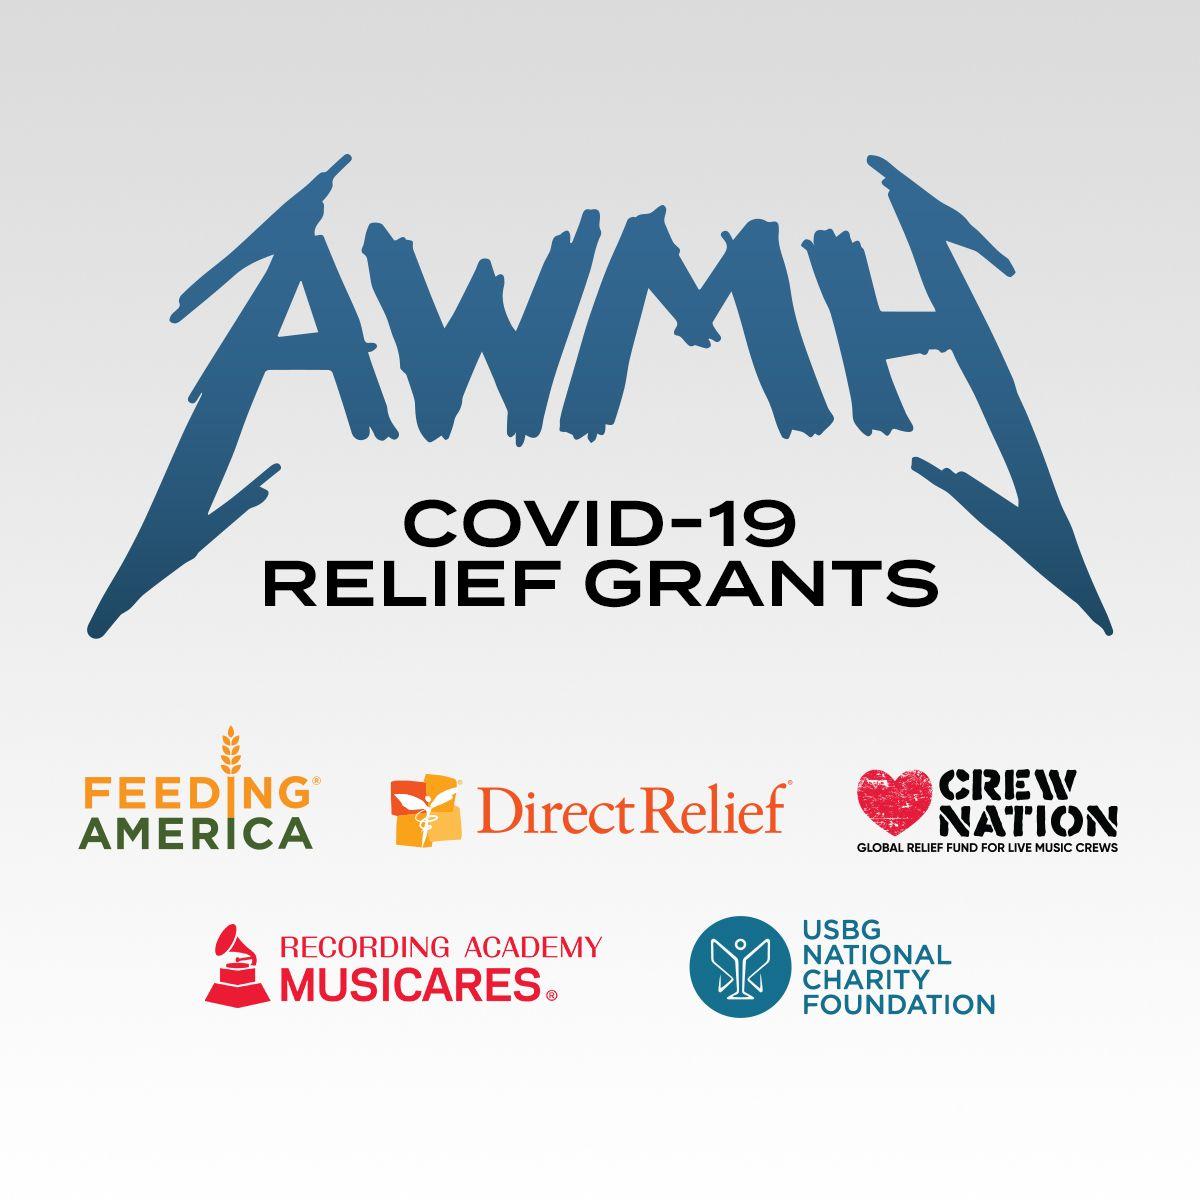 COVID-19 Relief Grants Round 2